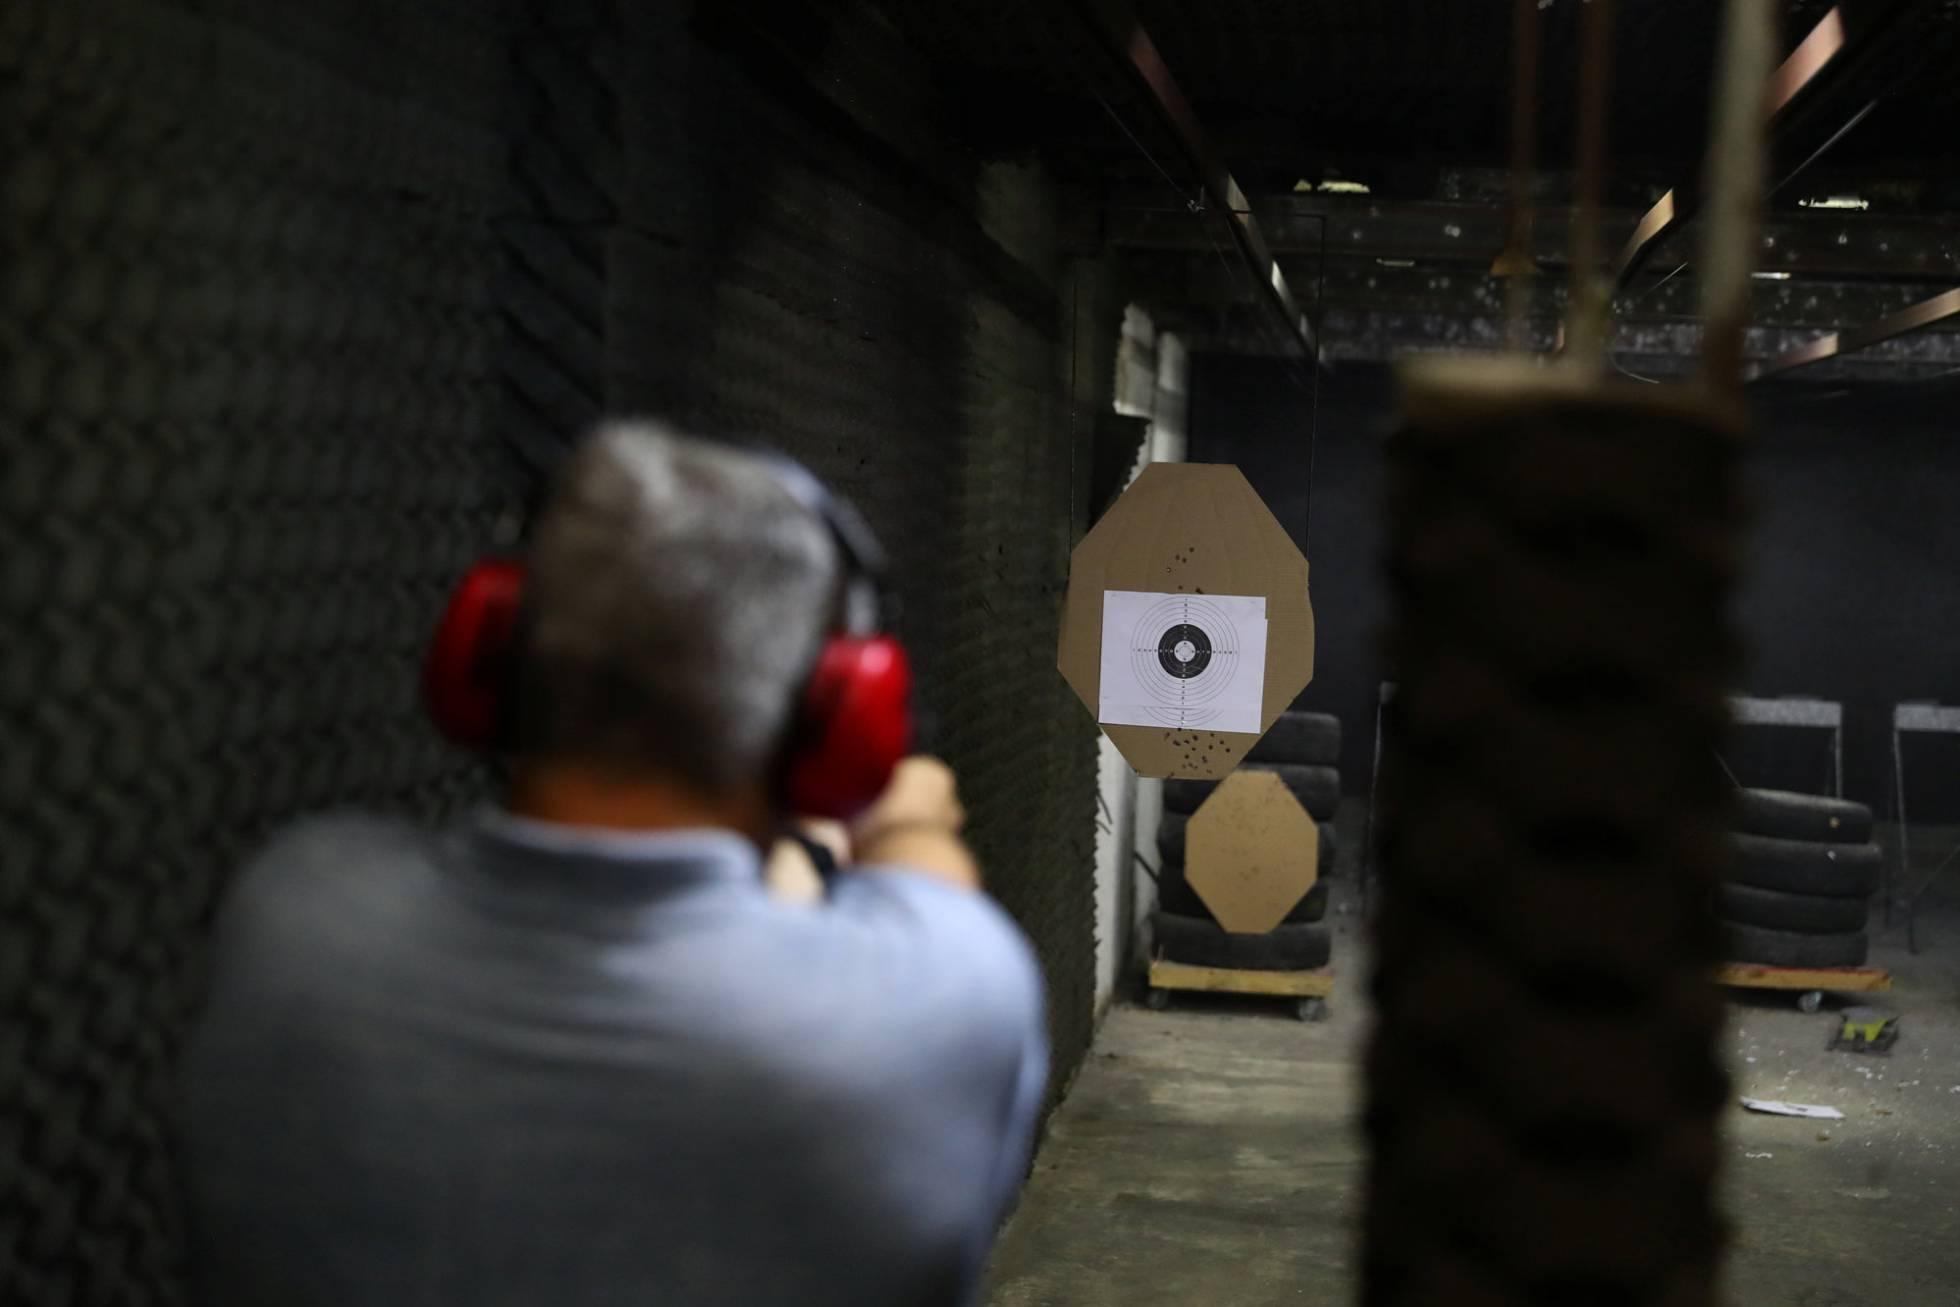 Quanto custa ter uma arma no país